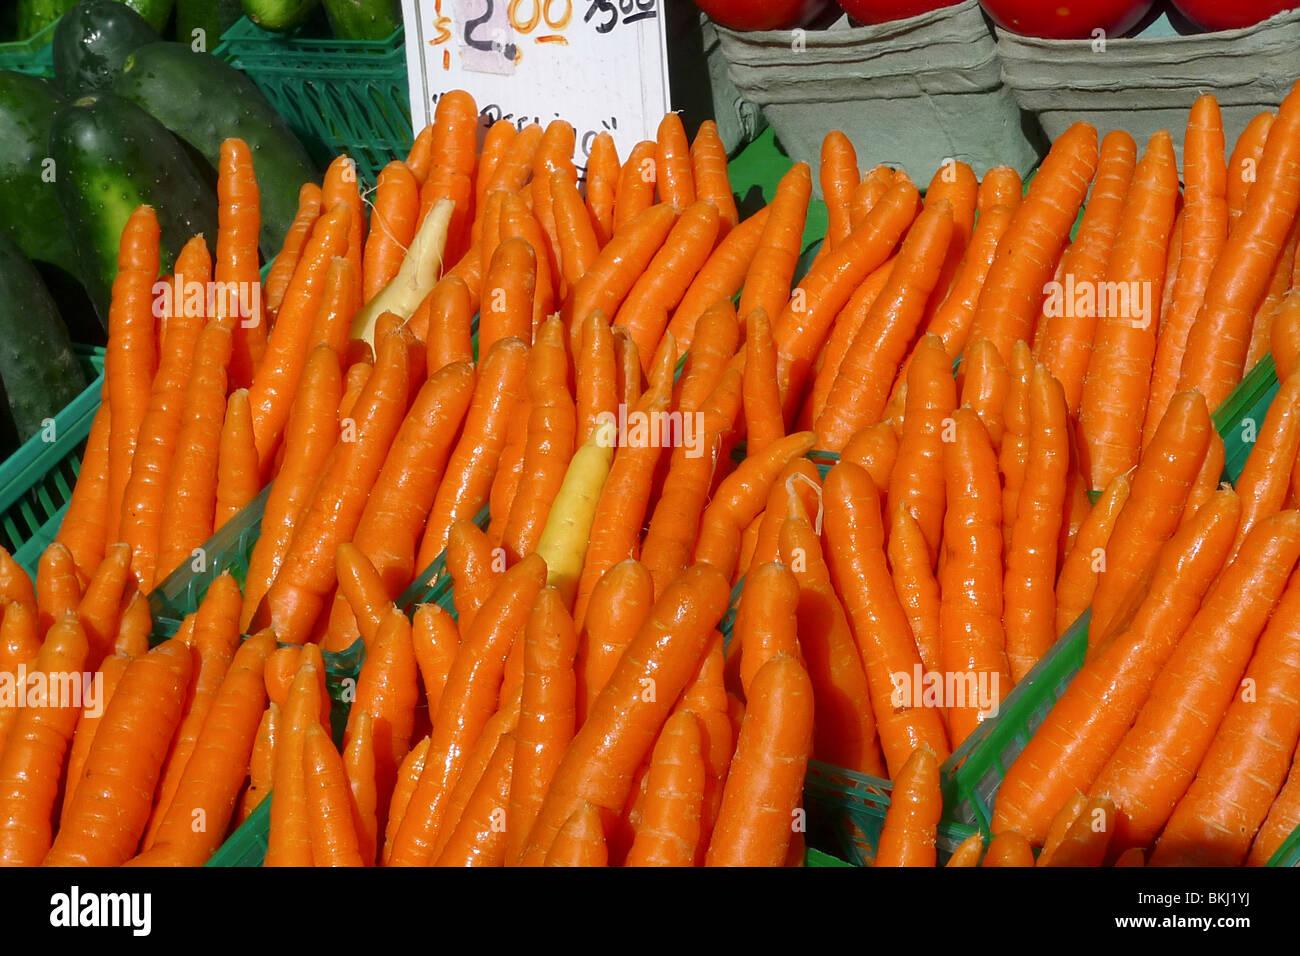 Carottes biologiques fraîchement cueillies sur l'affichage à un marché de producteurs. Photo Stock